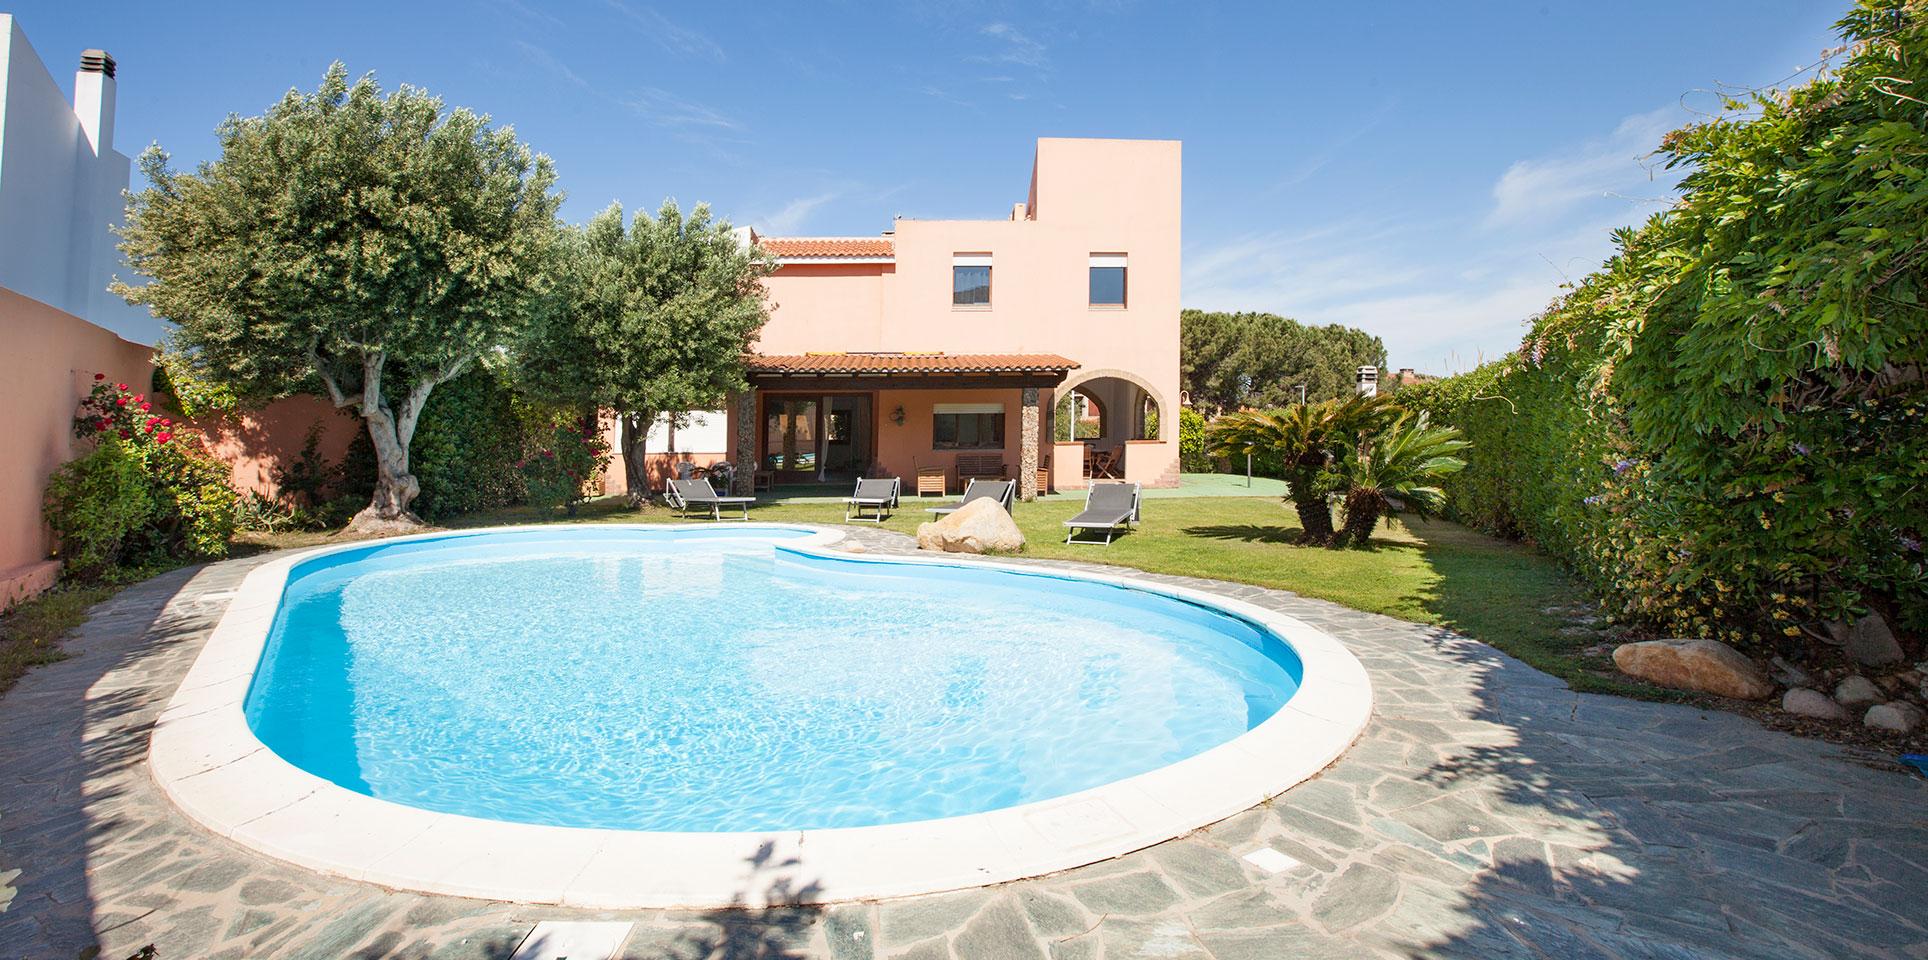 Apartments in Quartu Sant Elena sea buy